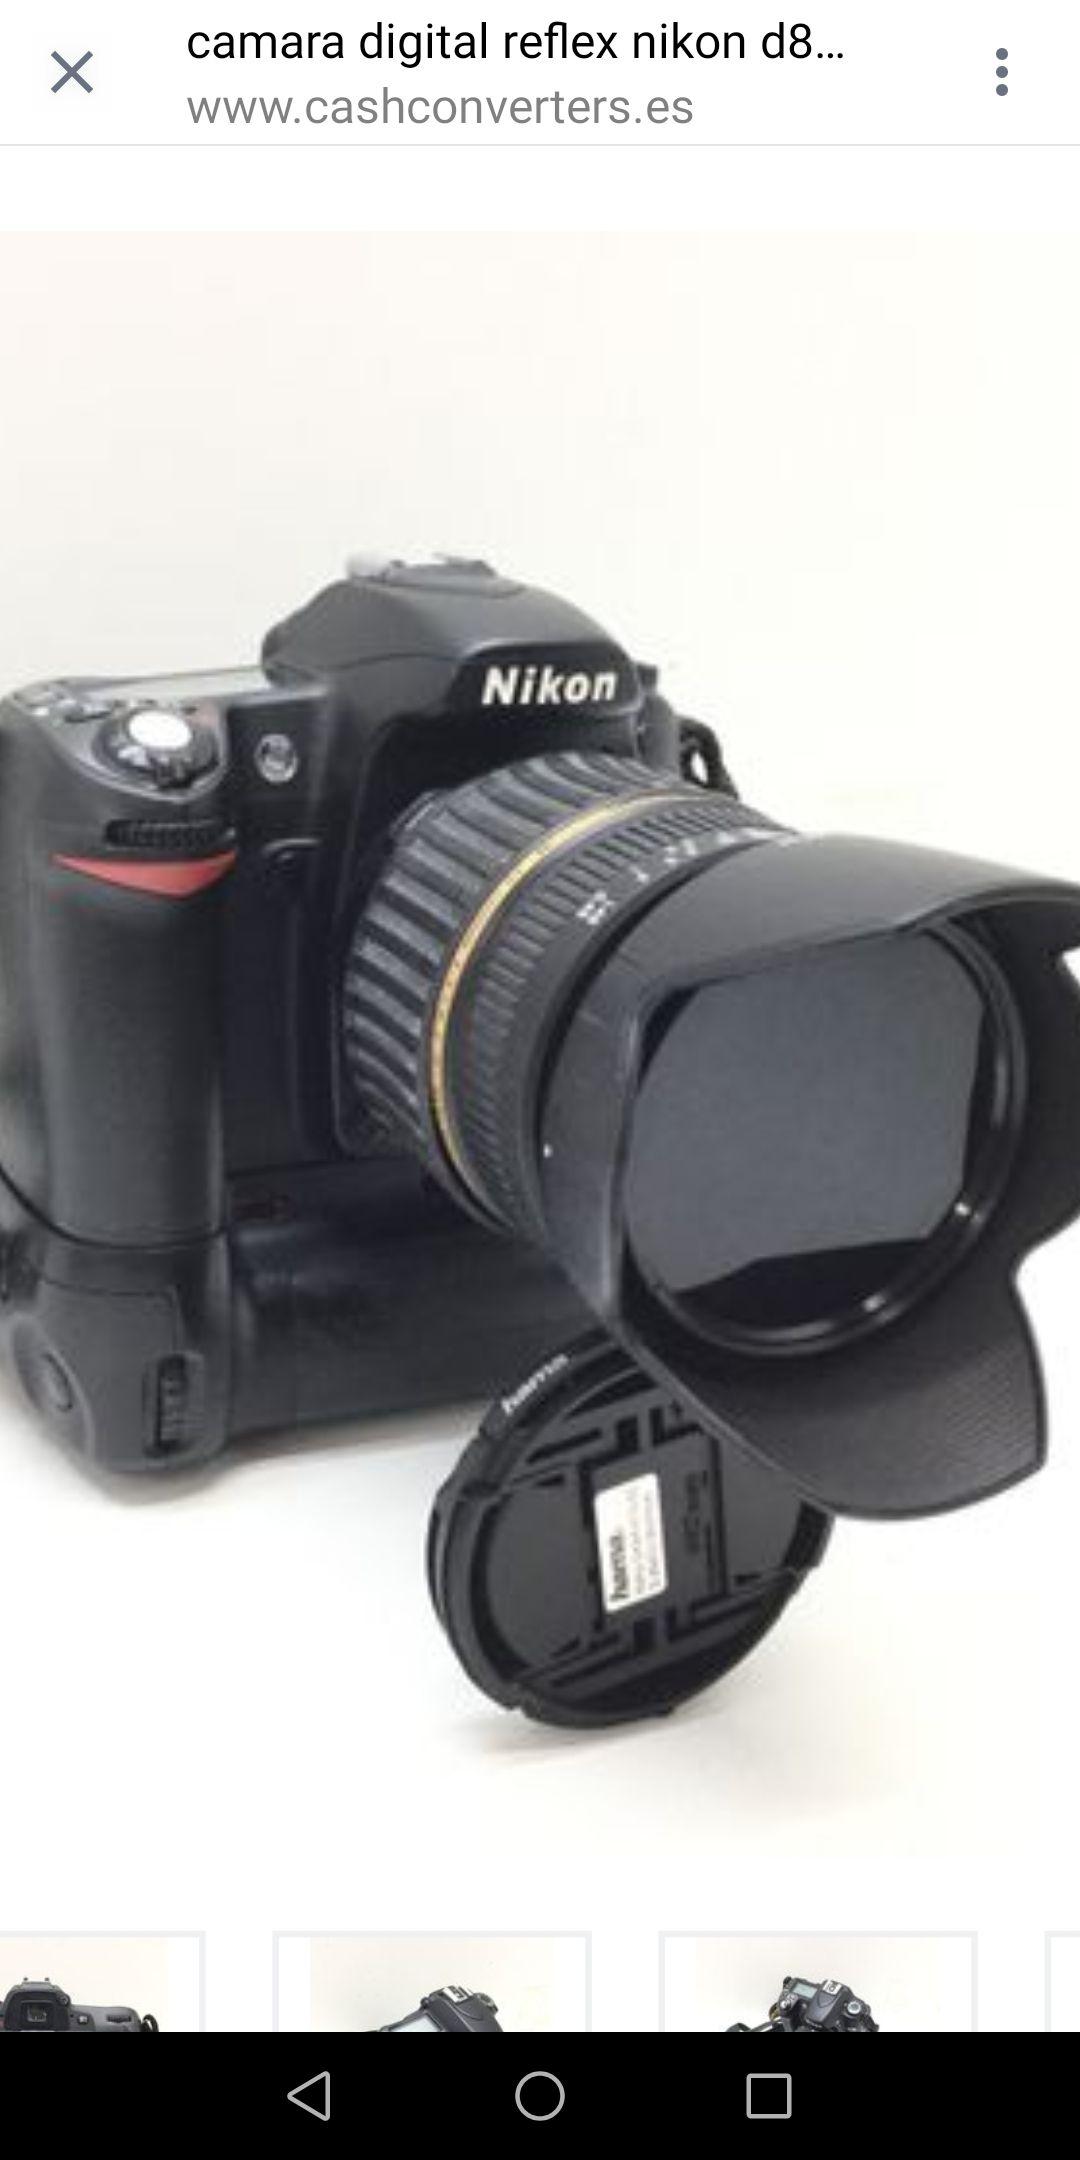 Camara Digital Reflex Nikon D80+Af-S Dx 18-135mm 1:3.5-5.6g Ed